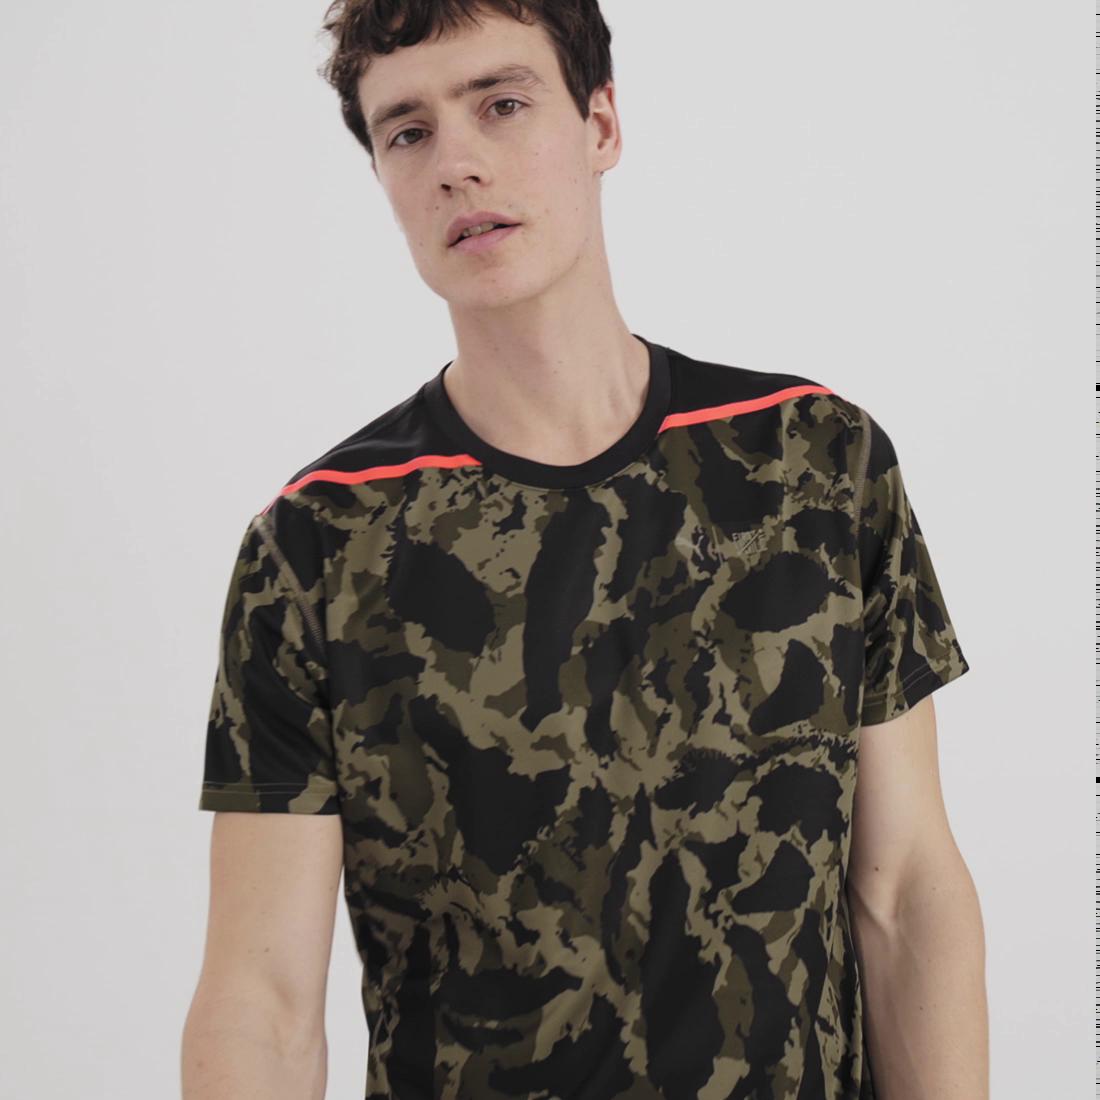 Image PUMA PUMA x FIRST MILE Camiseta Masculina #8